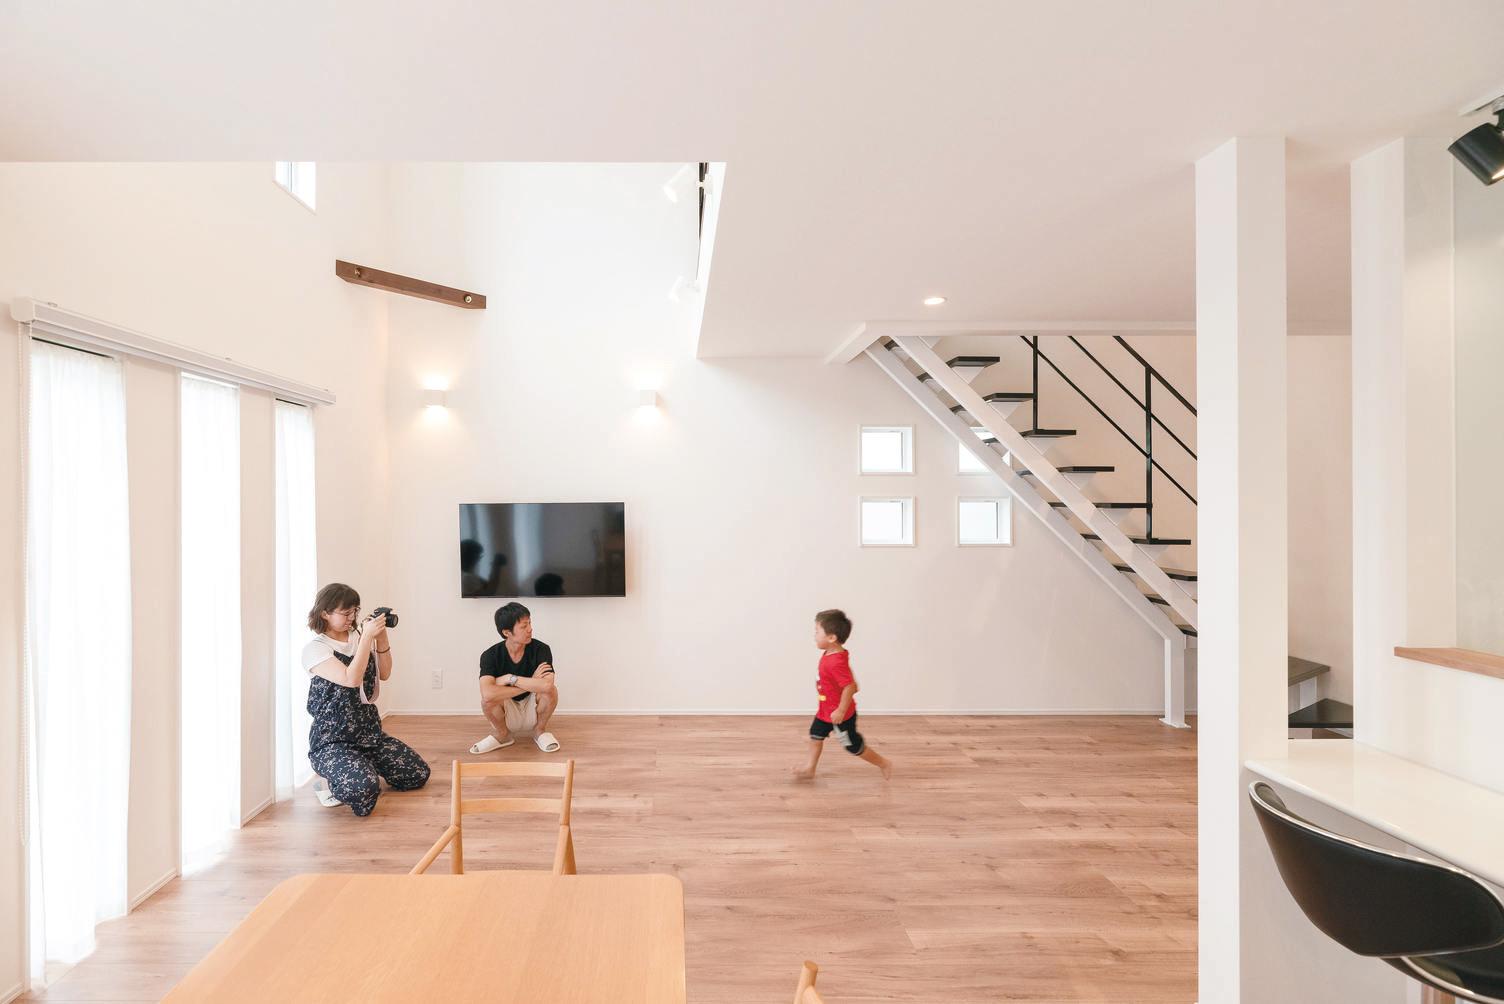 irohaco (アヴァンス)【1000万円台、デザイン住宅、子育て】広いLDKをうれしそうに走り回る長男を見守るのが何よりも幸せだと語るMさん夫妻